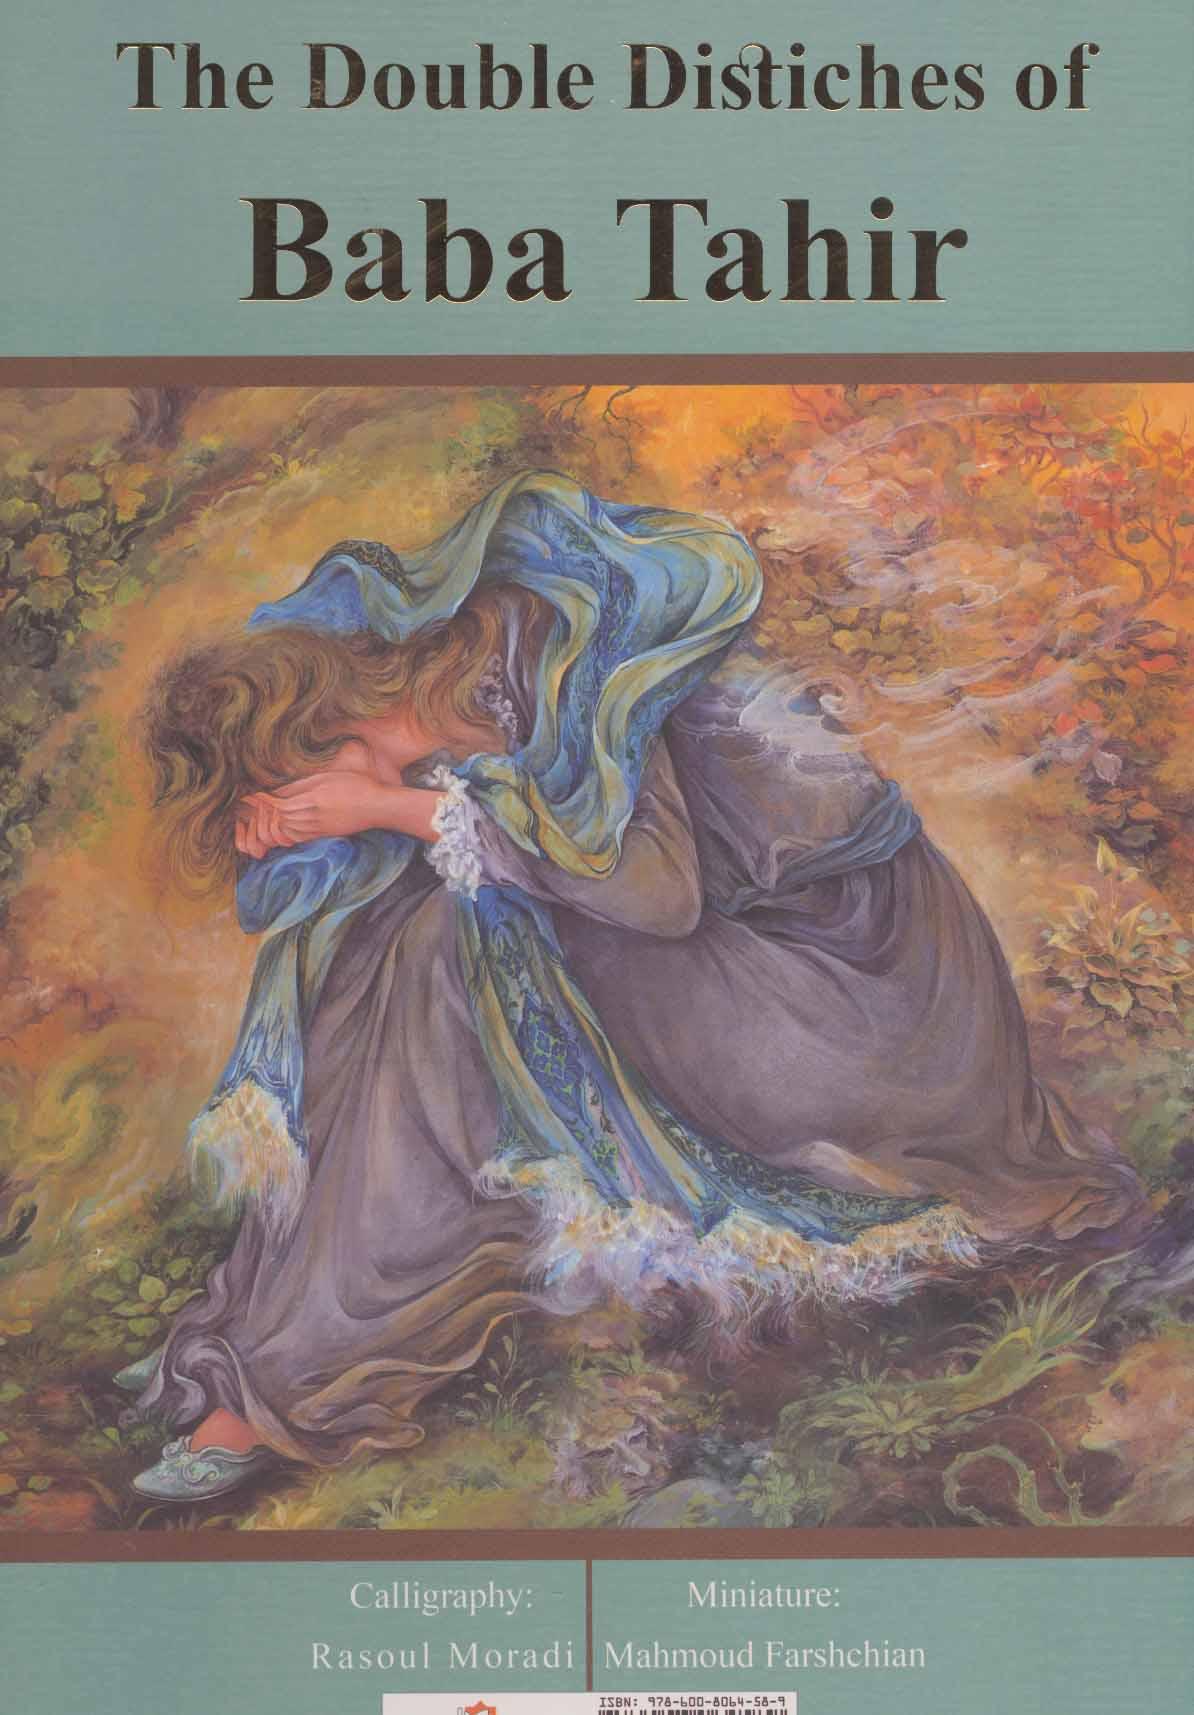 دو بیتی های باباطاهر همدانی با مینیاتور (2زبانه،گلاسه،باقاب)